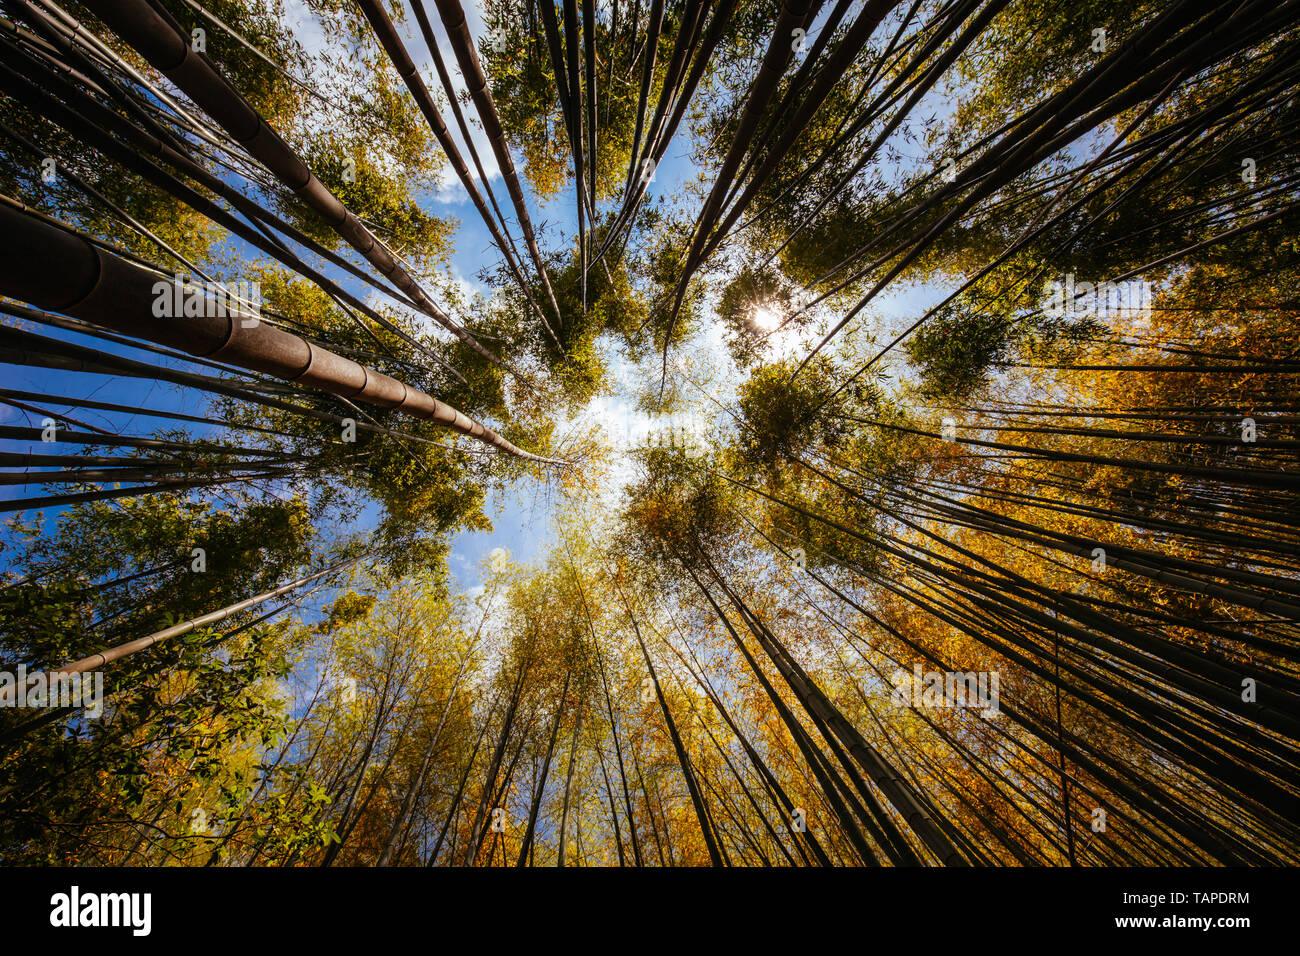 Secret Bamboo Forest of Fushimi Inari Shrine Stock Photo